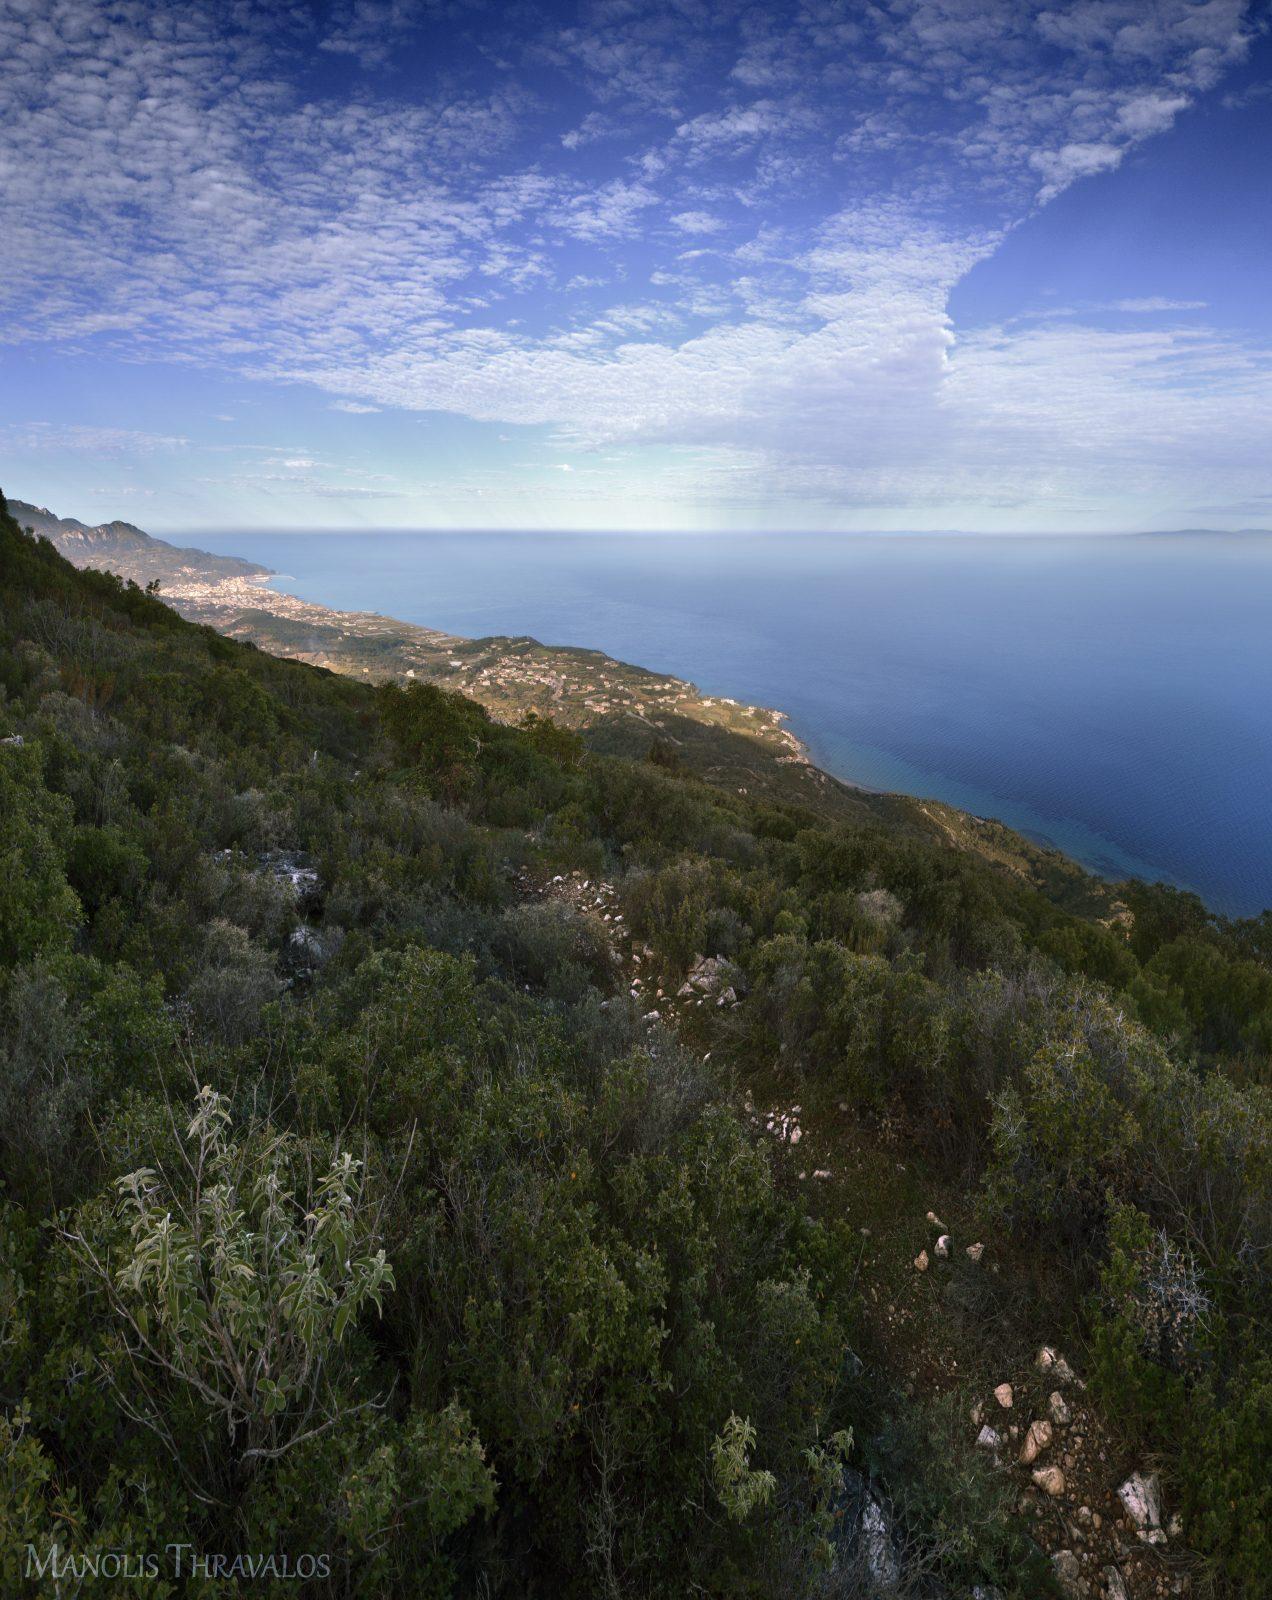 Θέα από την ΒΔυτική διαδρομή με μυρωδιά φασκόμηλου